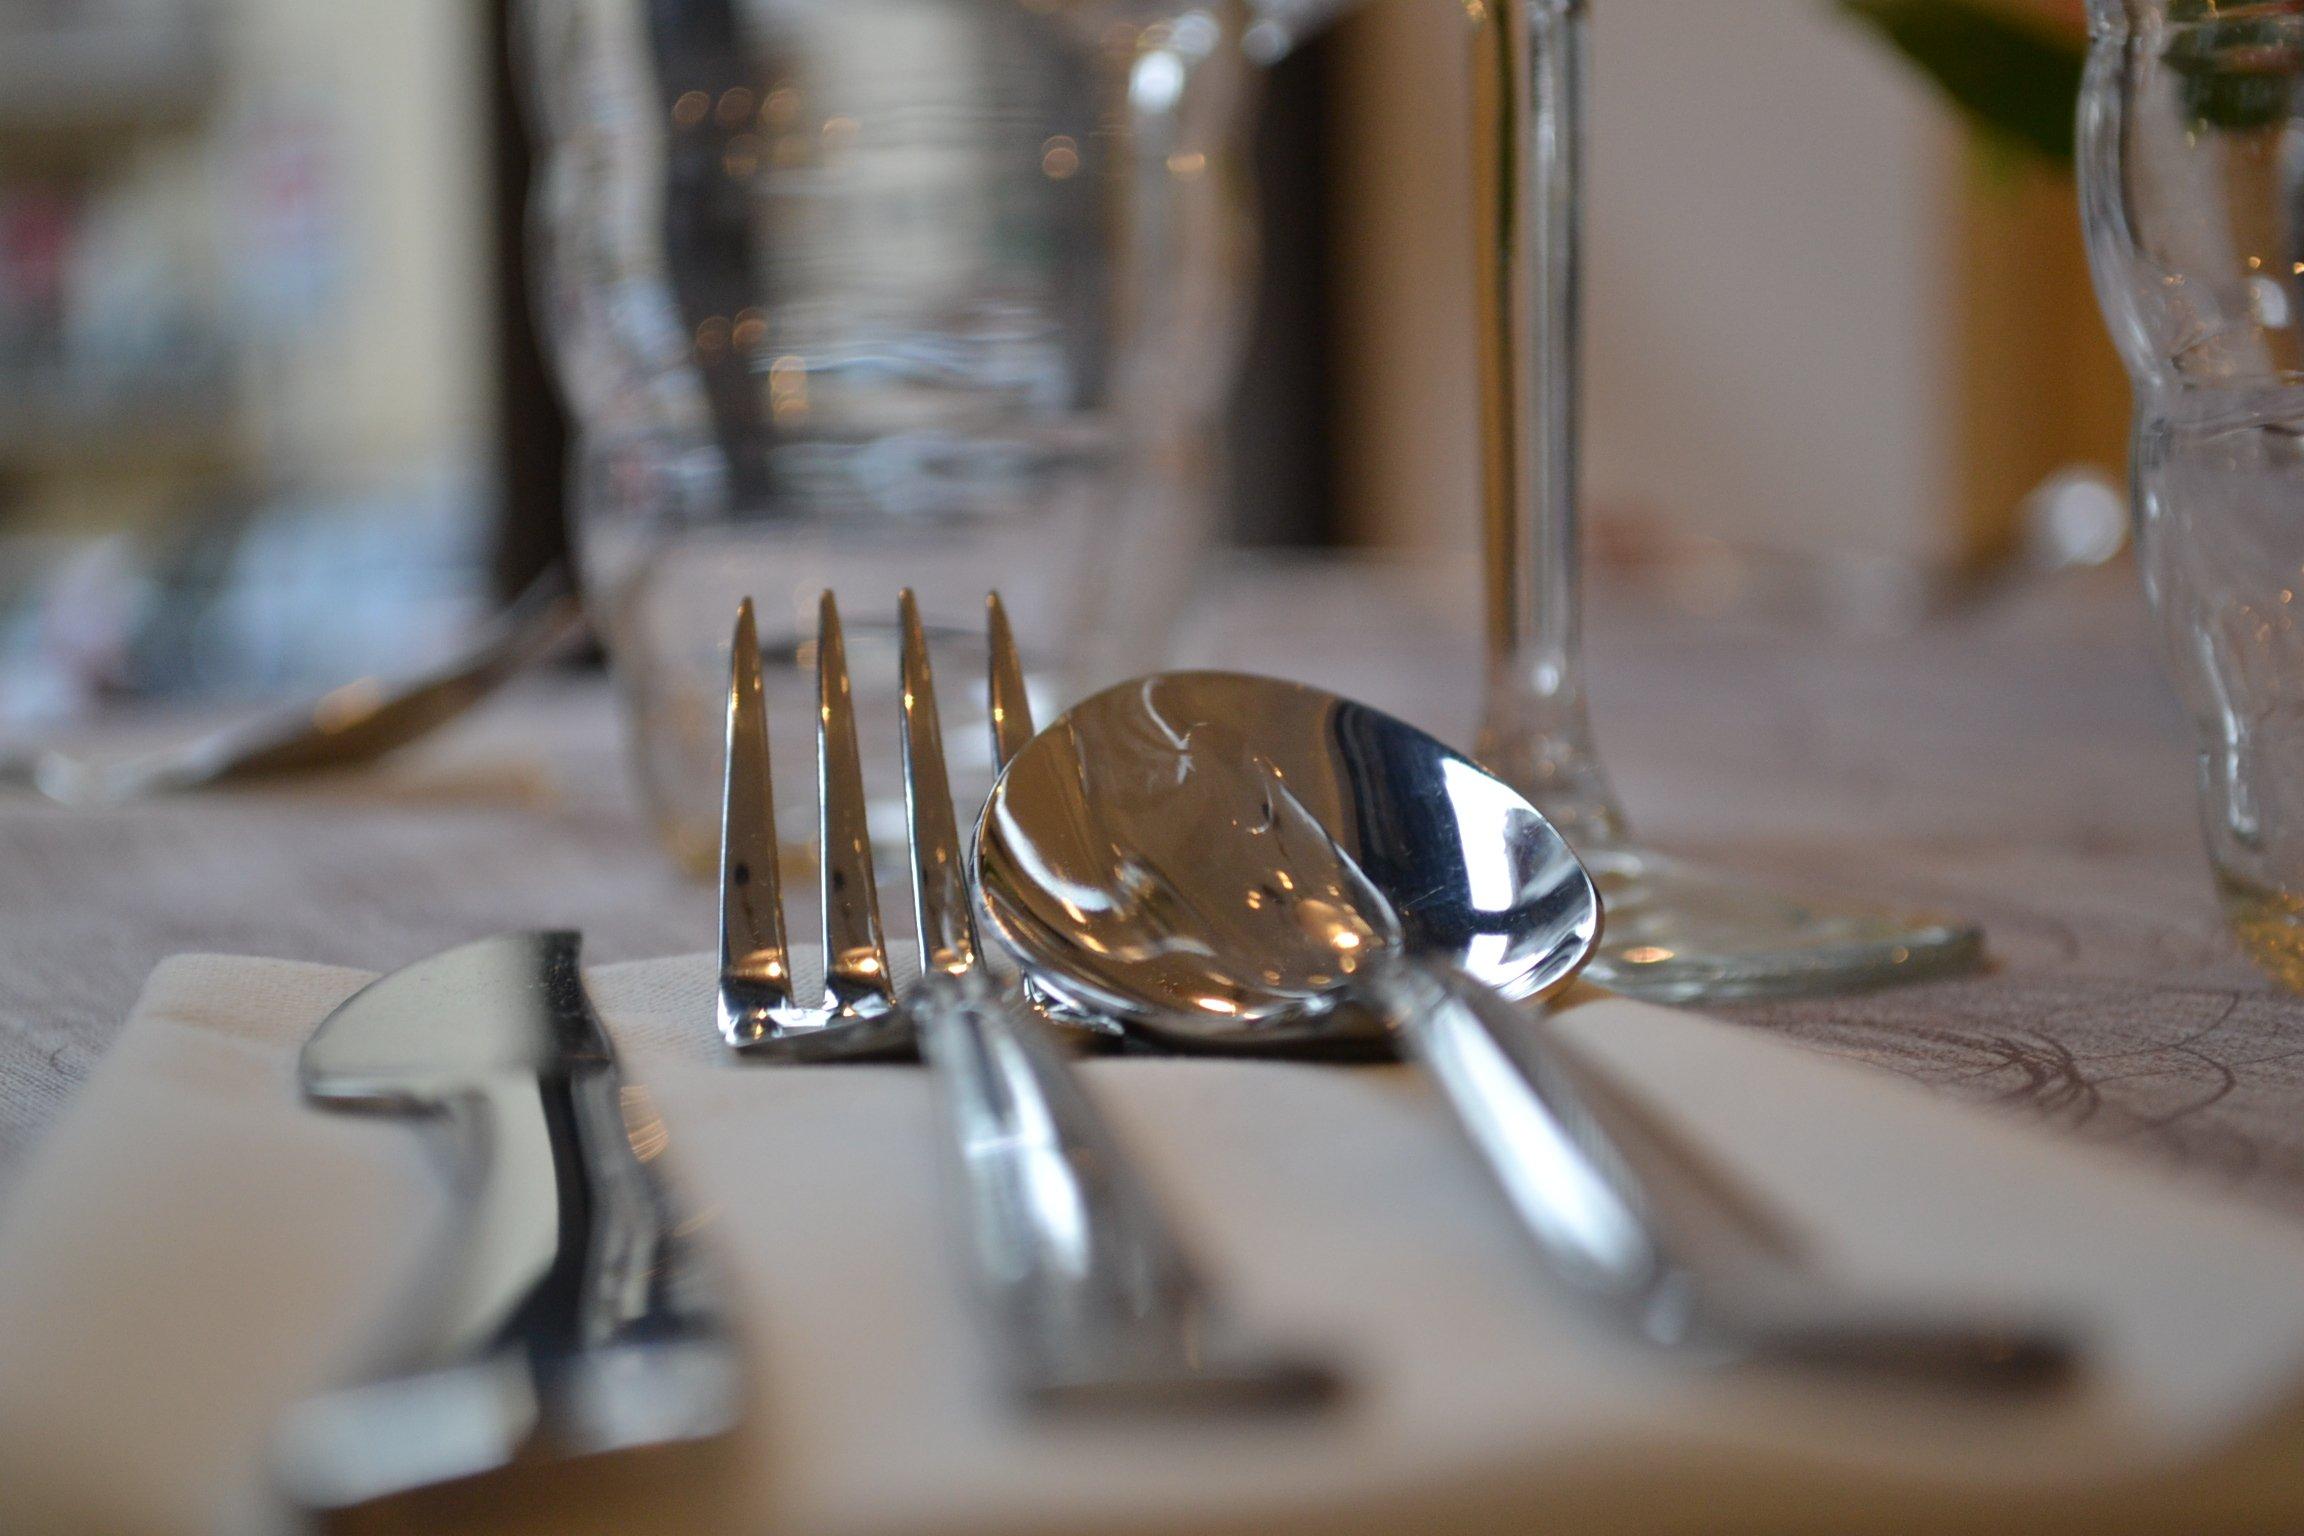 dettaglio di cucchiaio e forchetta